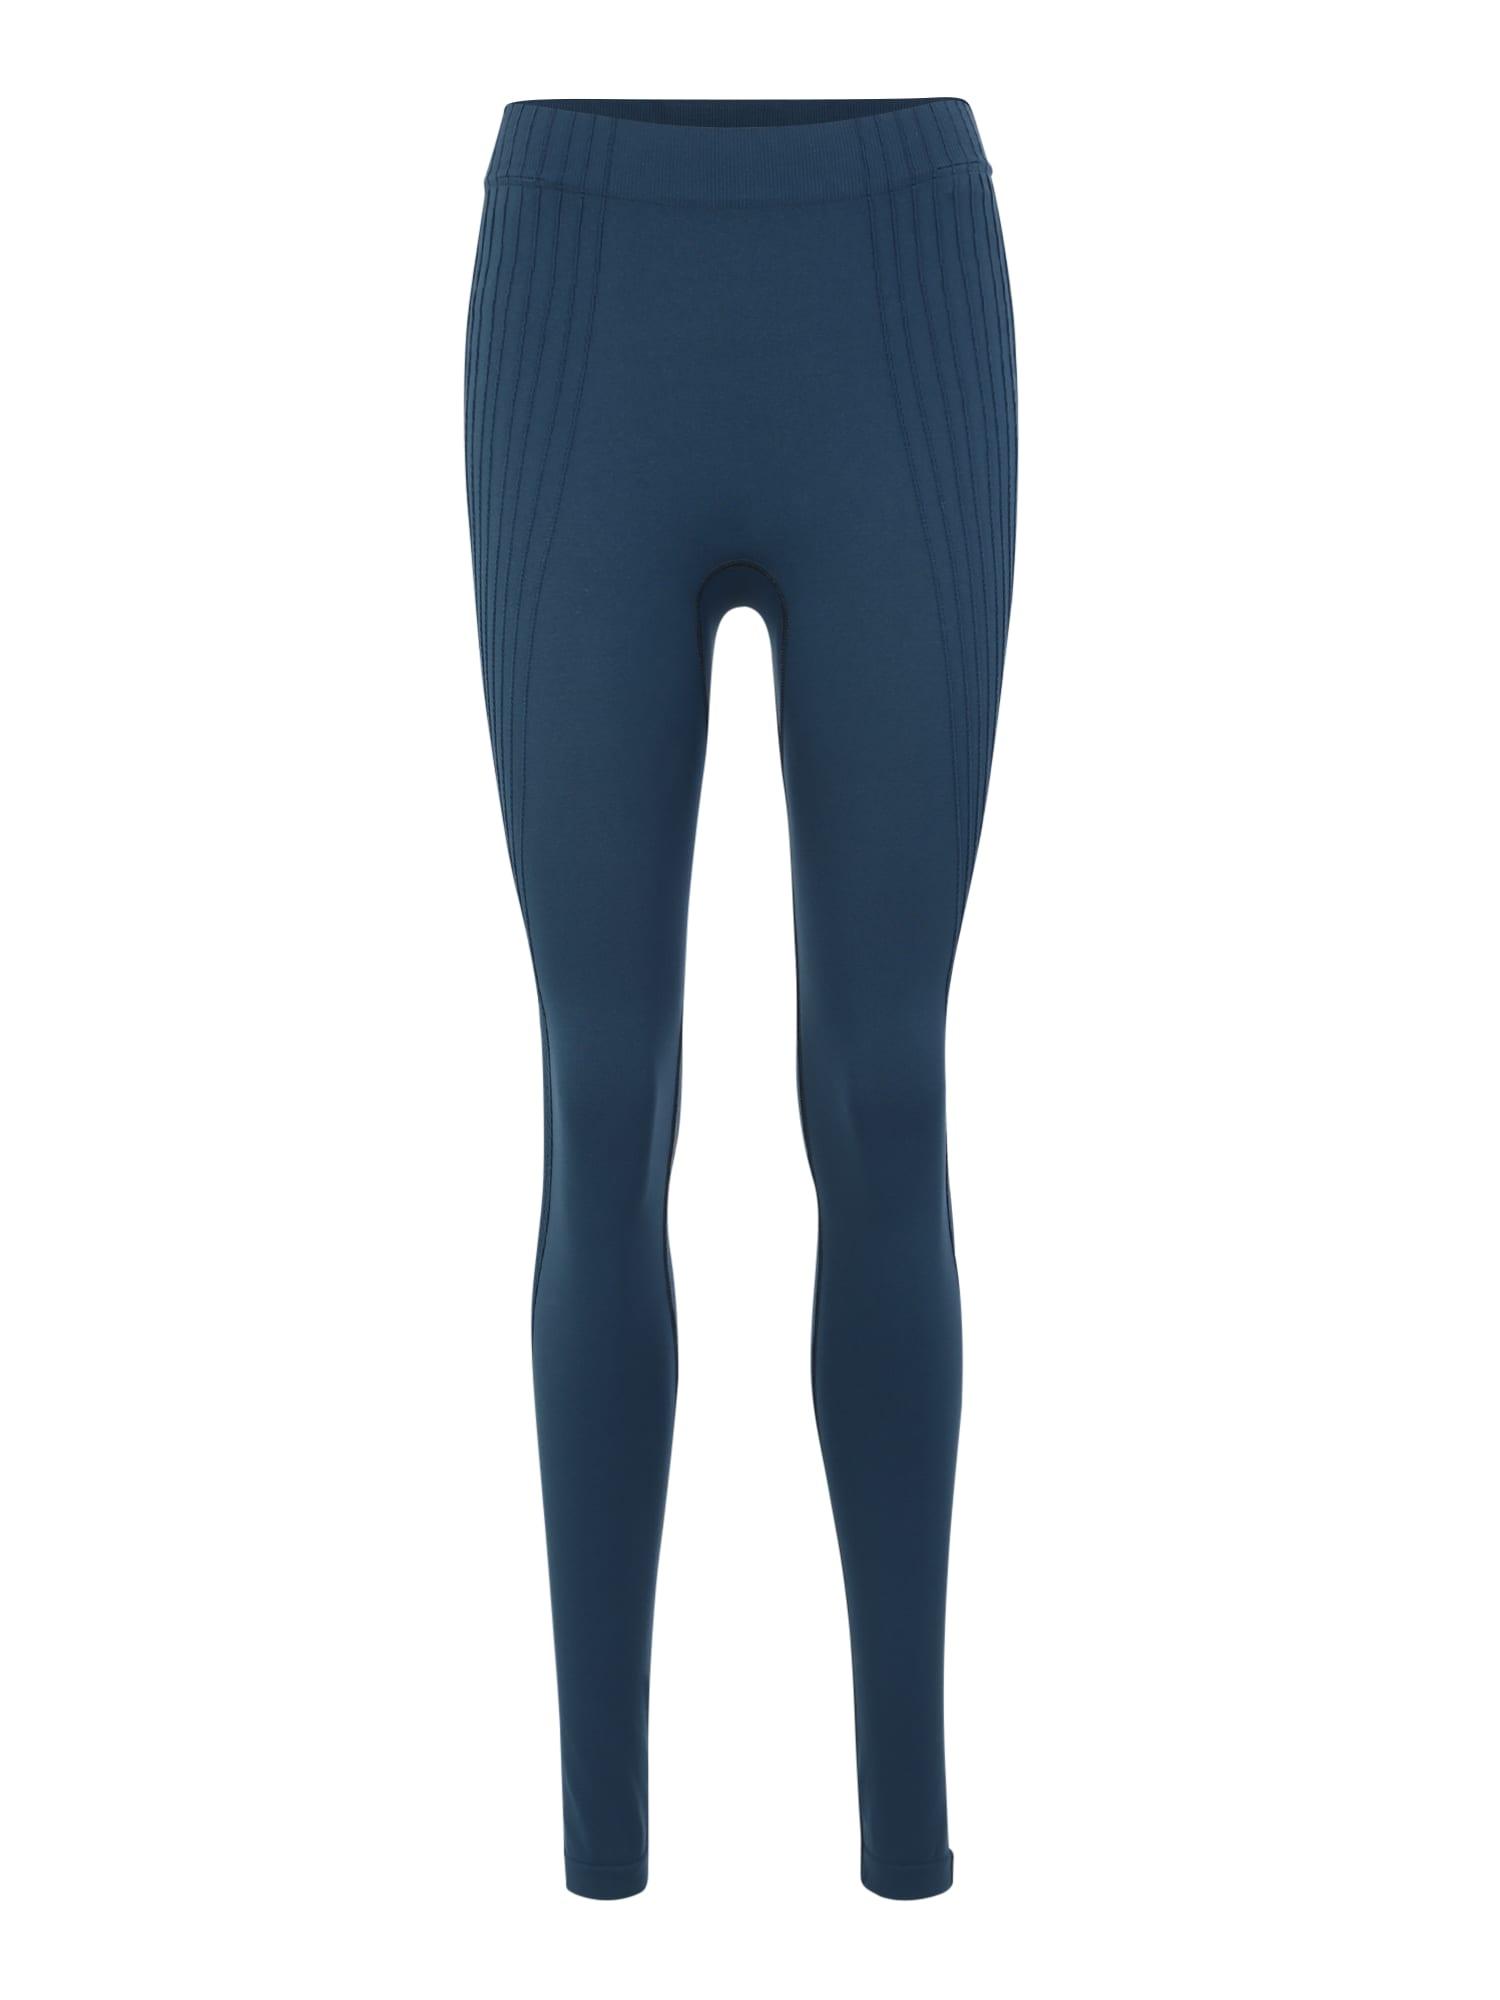 Sportovní kalhoty PURE CERAMIWARM modrá ODLO